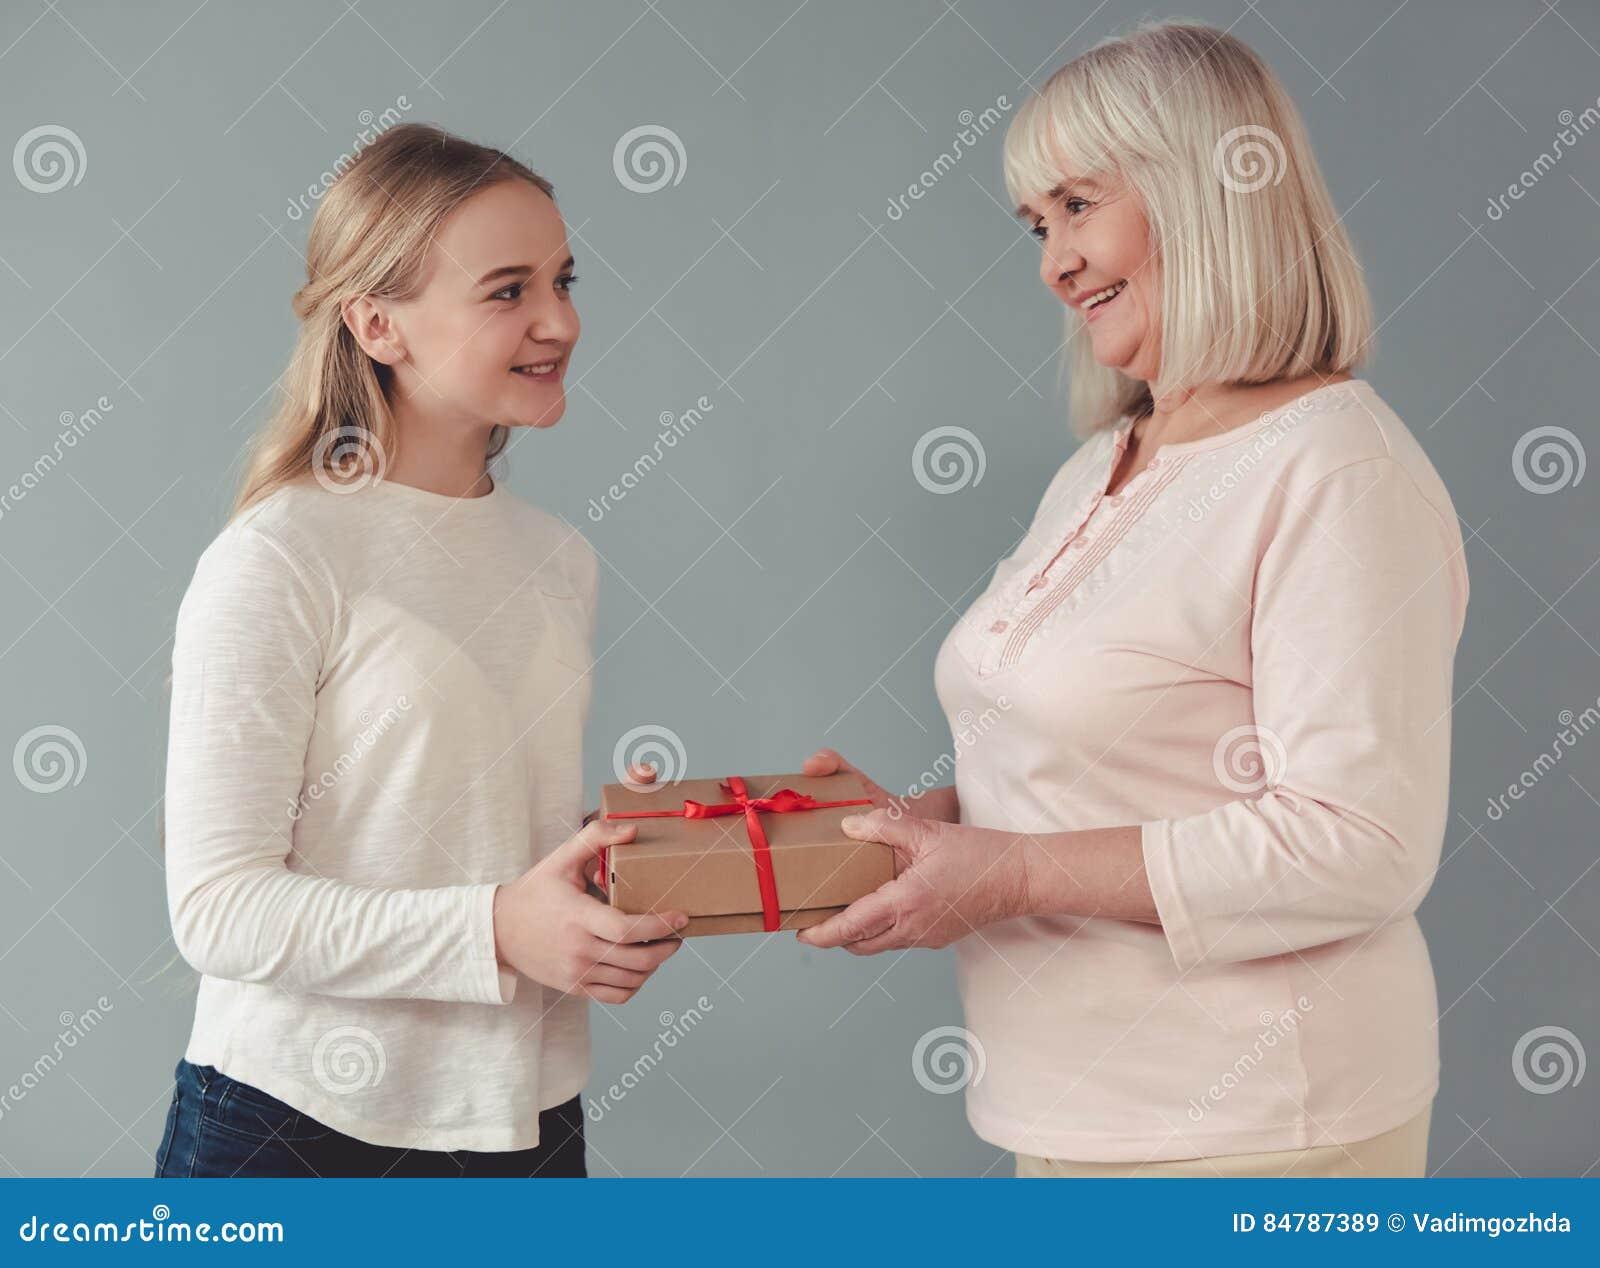 Suche nach Tag: oma und enkelin